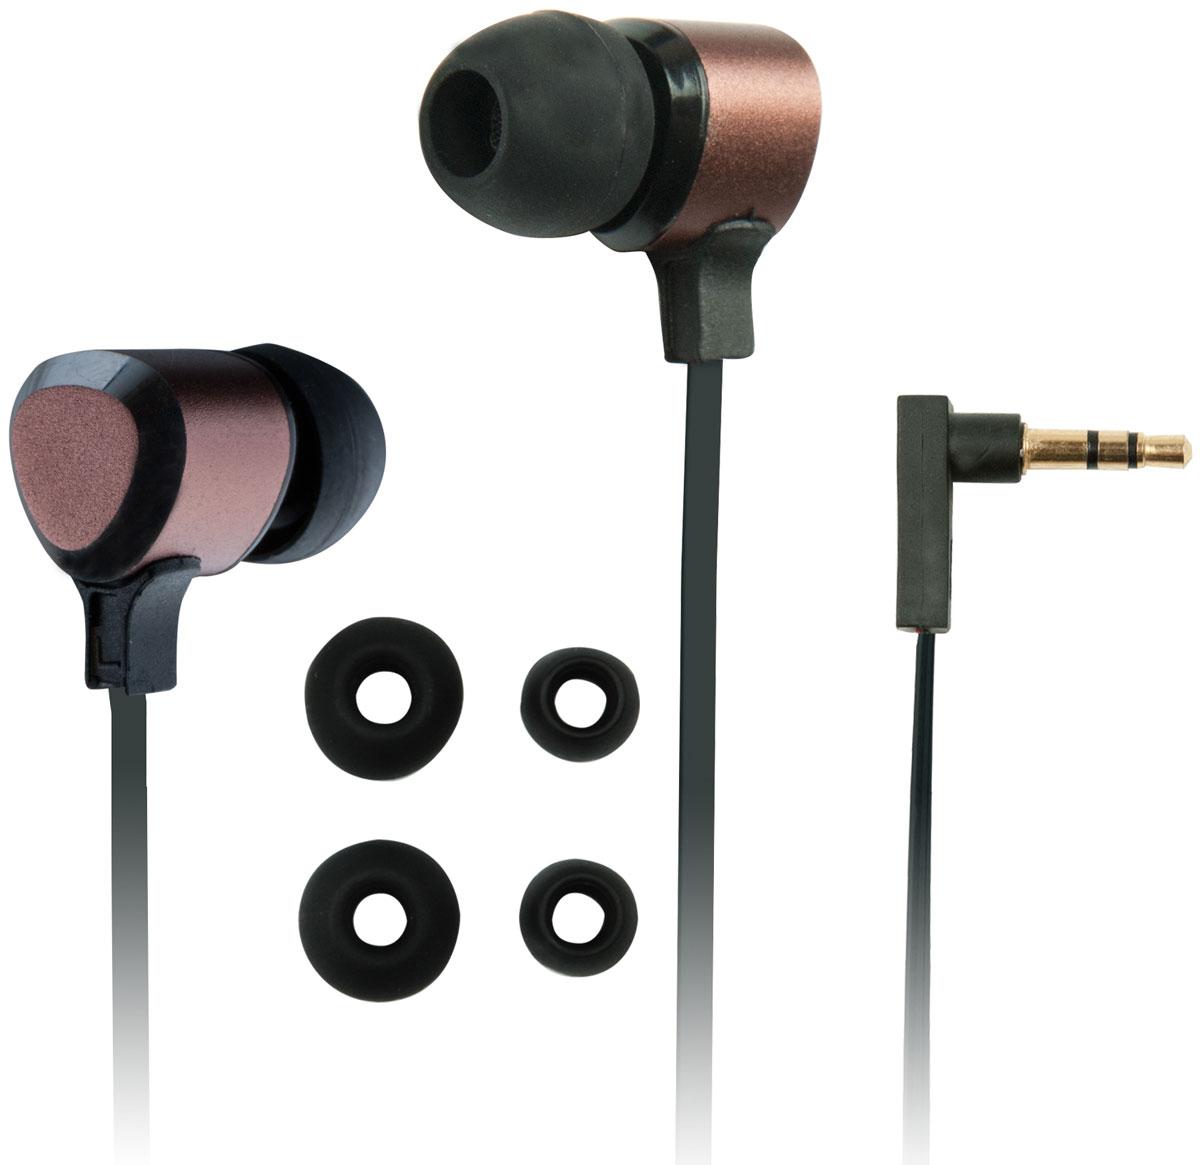 Ritmix RH-136 Metal, Bronze наушники15118264Ritmix RH-136 Metal – это портативные наушники-вставки в стильном алюминиевом корпусе, которые порадуют вас своим звучанием. Модель отличается комфортной посадкой и оснащена плоским кабелем, который предотвращает спутывание.